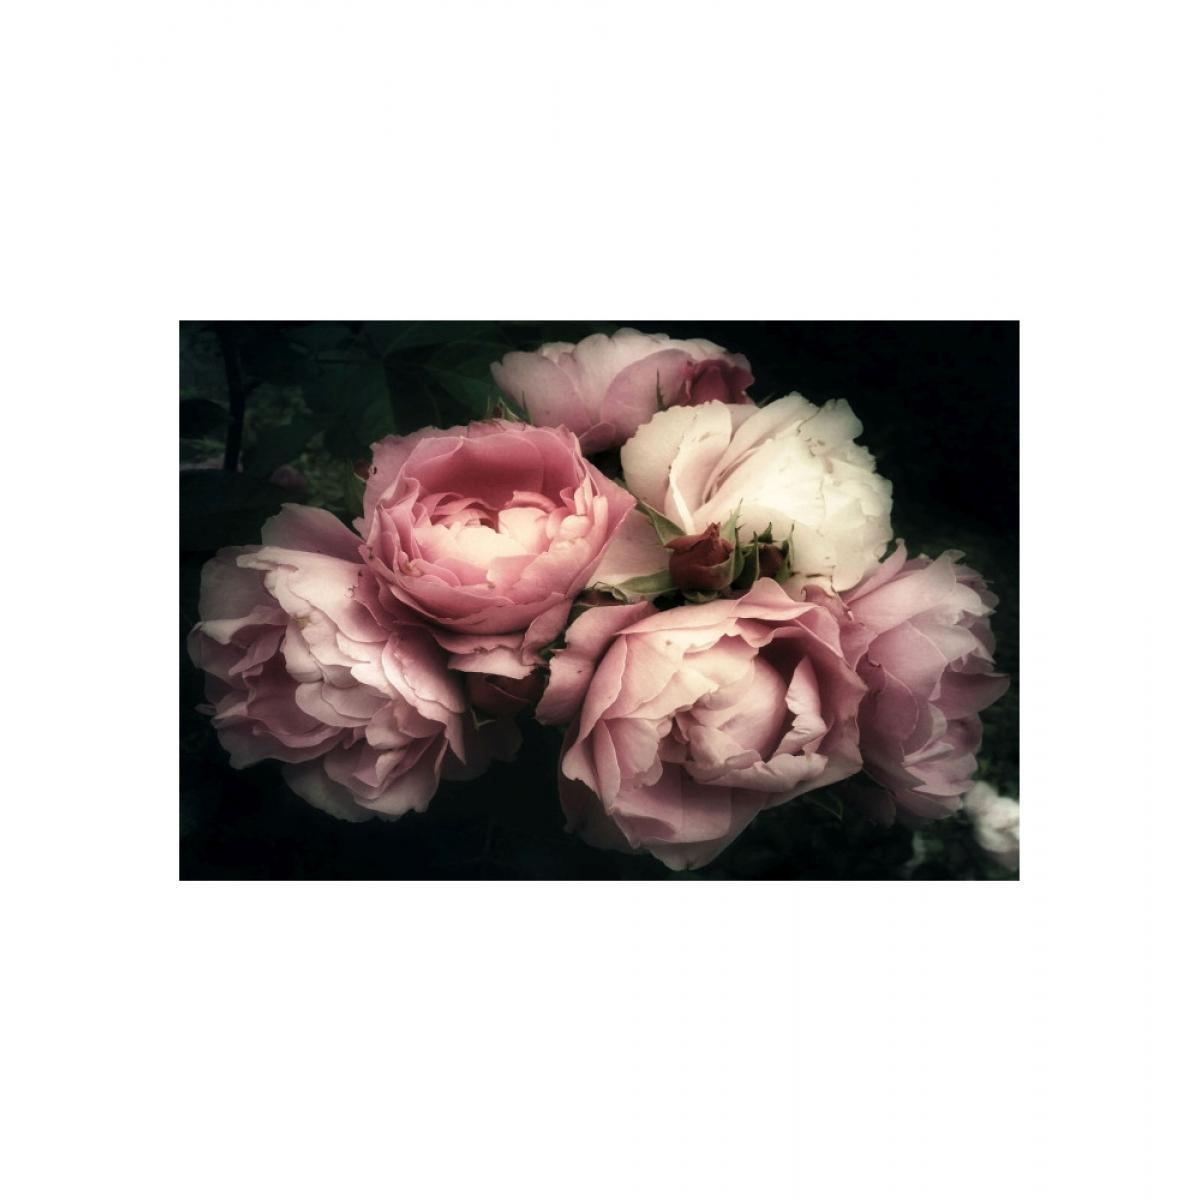 Ac-Deco Tableau en verre - Flowers I - L 120 cm x H 80 cm